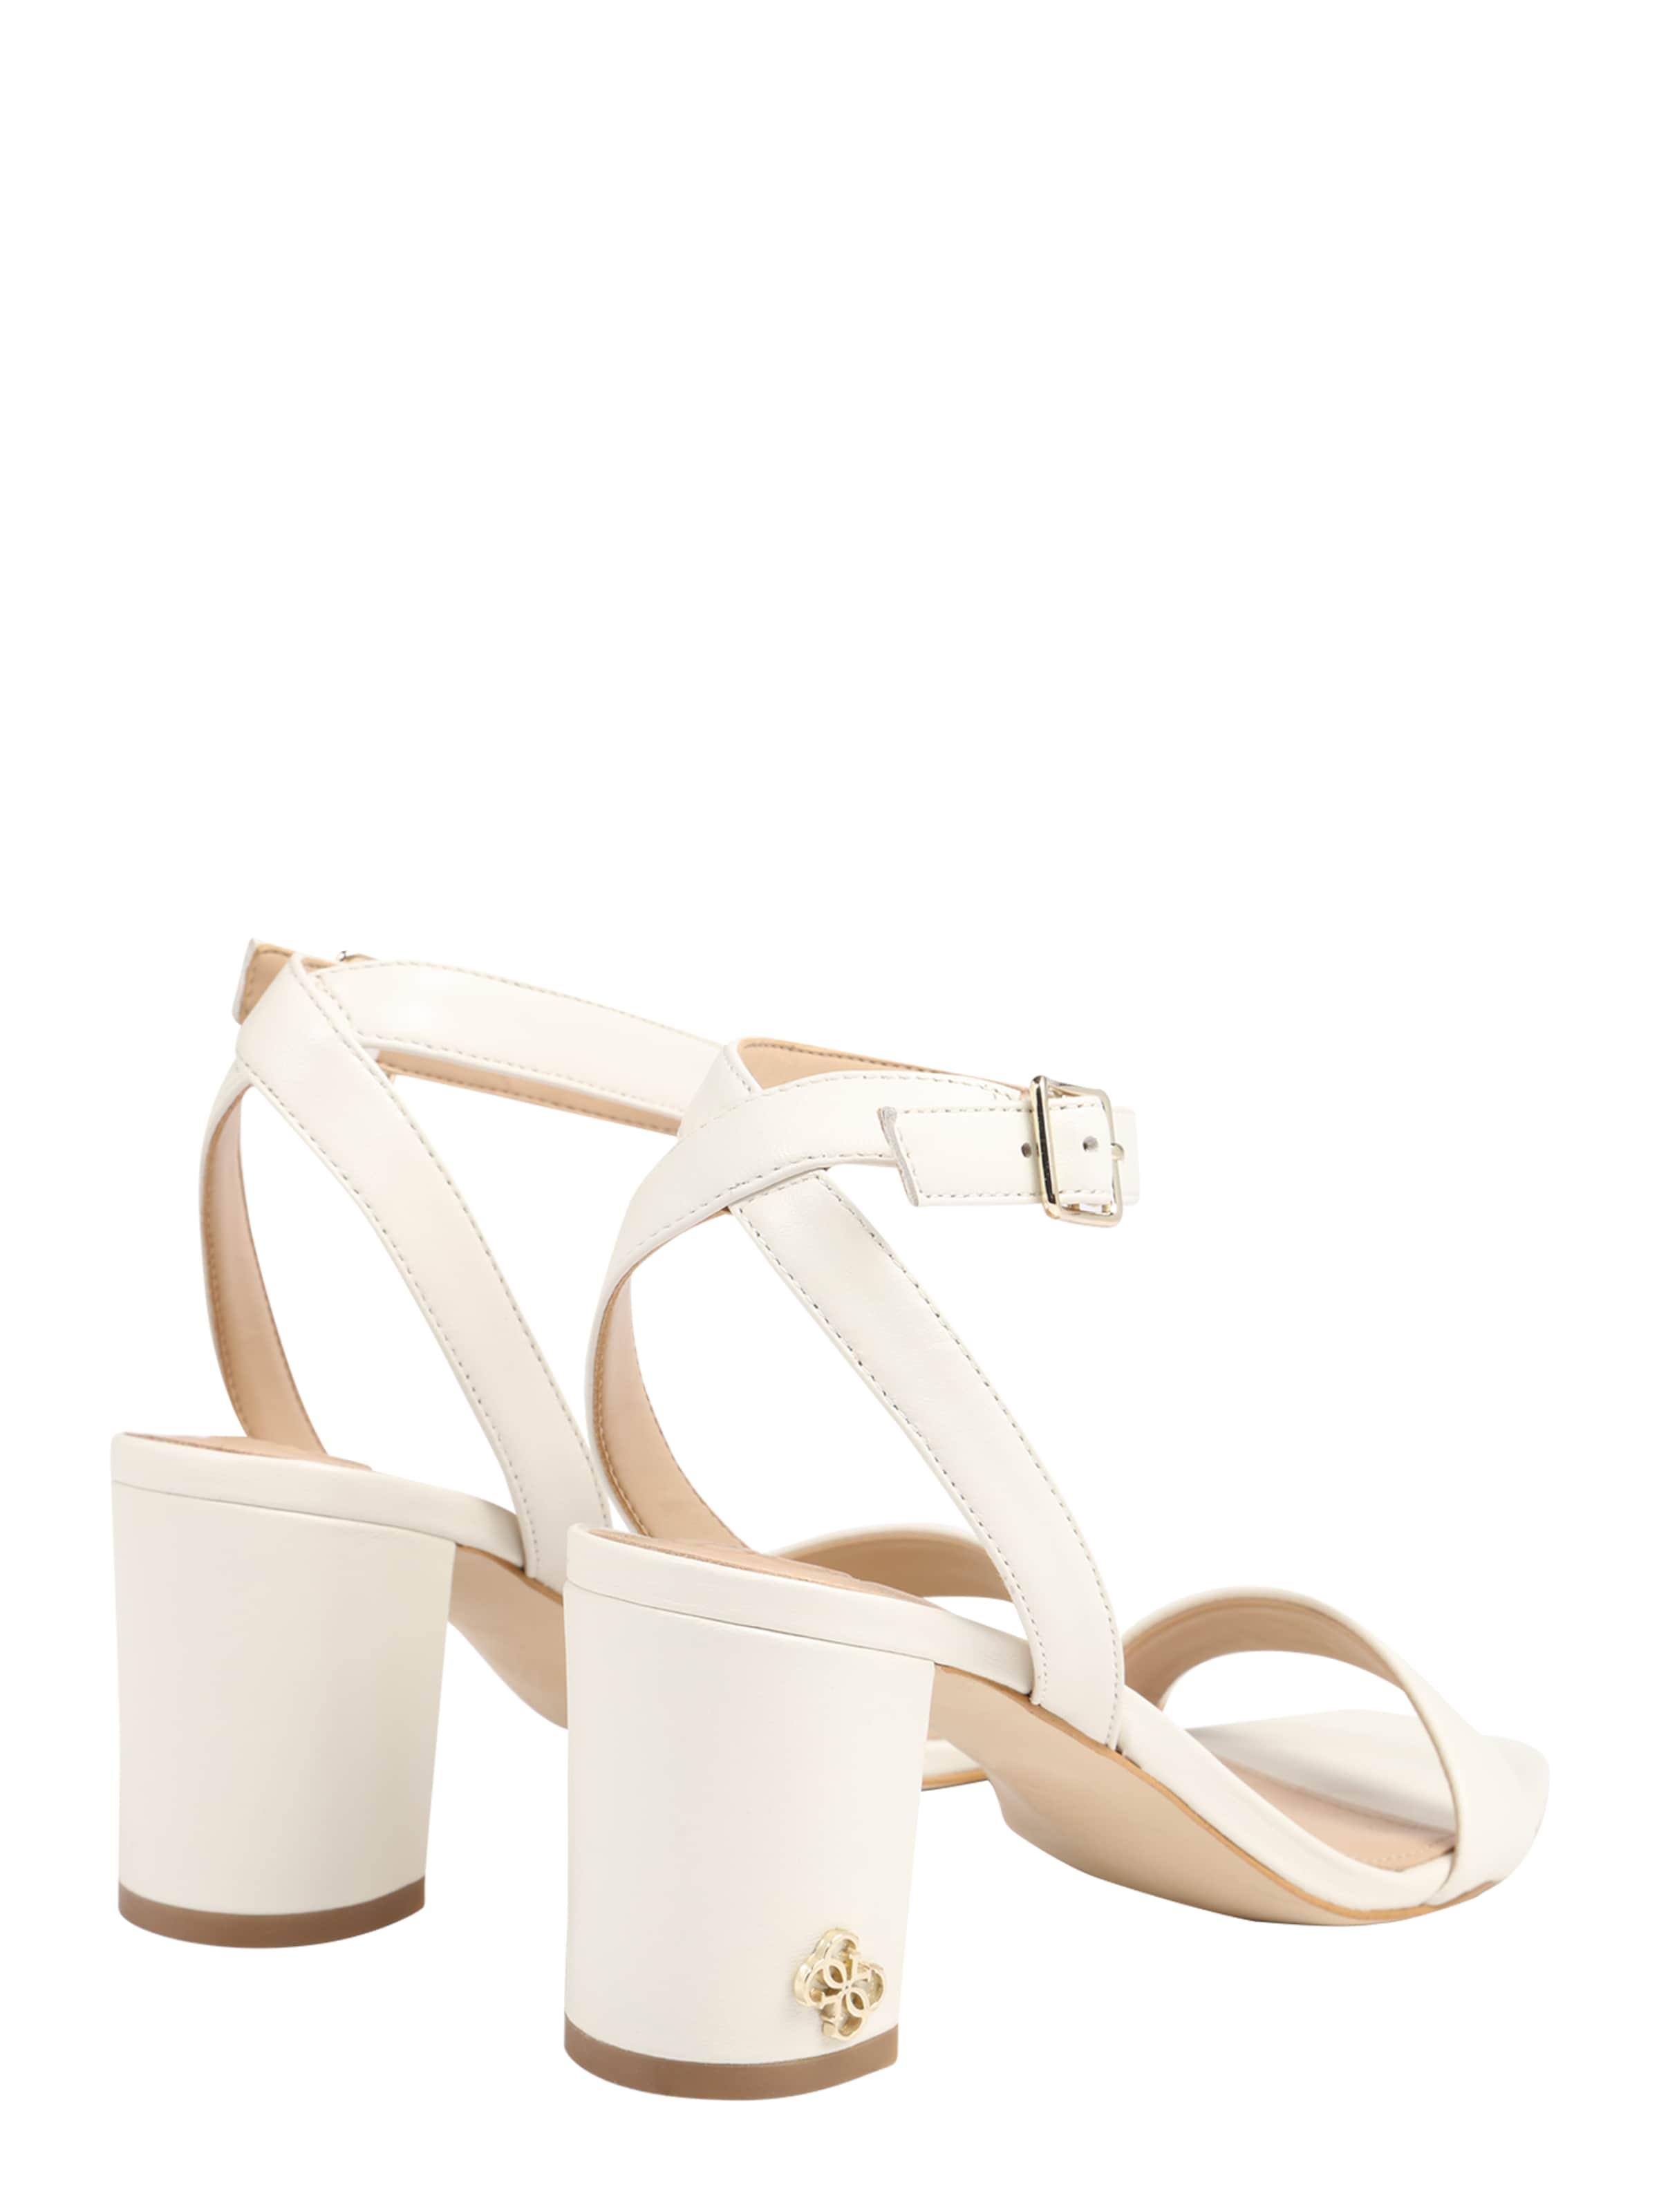 Erhalten Authentische Online Billig Verkauf Ebay GUESS Sandalette 'ANNABEL' Billig Verkauf Footlocker Die Besten Preise Verkauf Online Authentisch Günstig Online PfeLmQT5vq